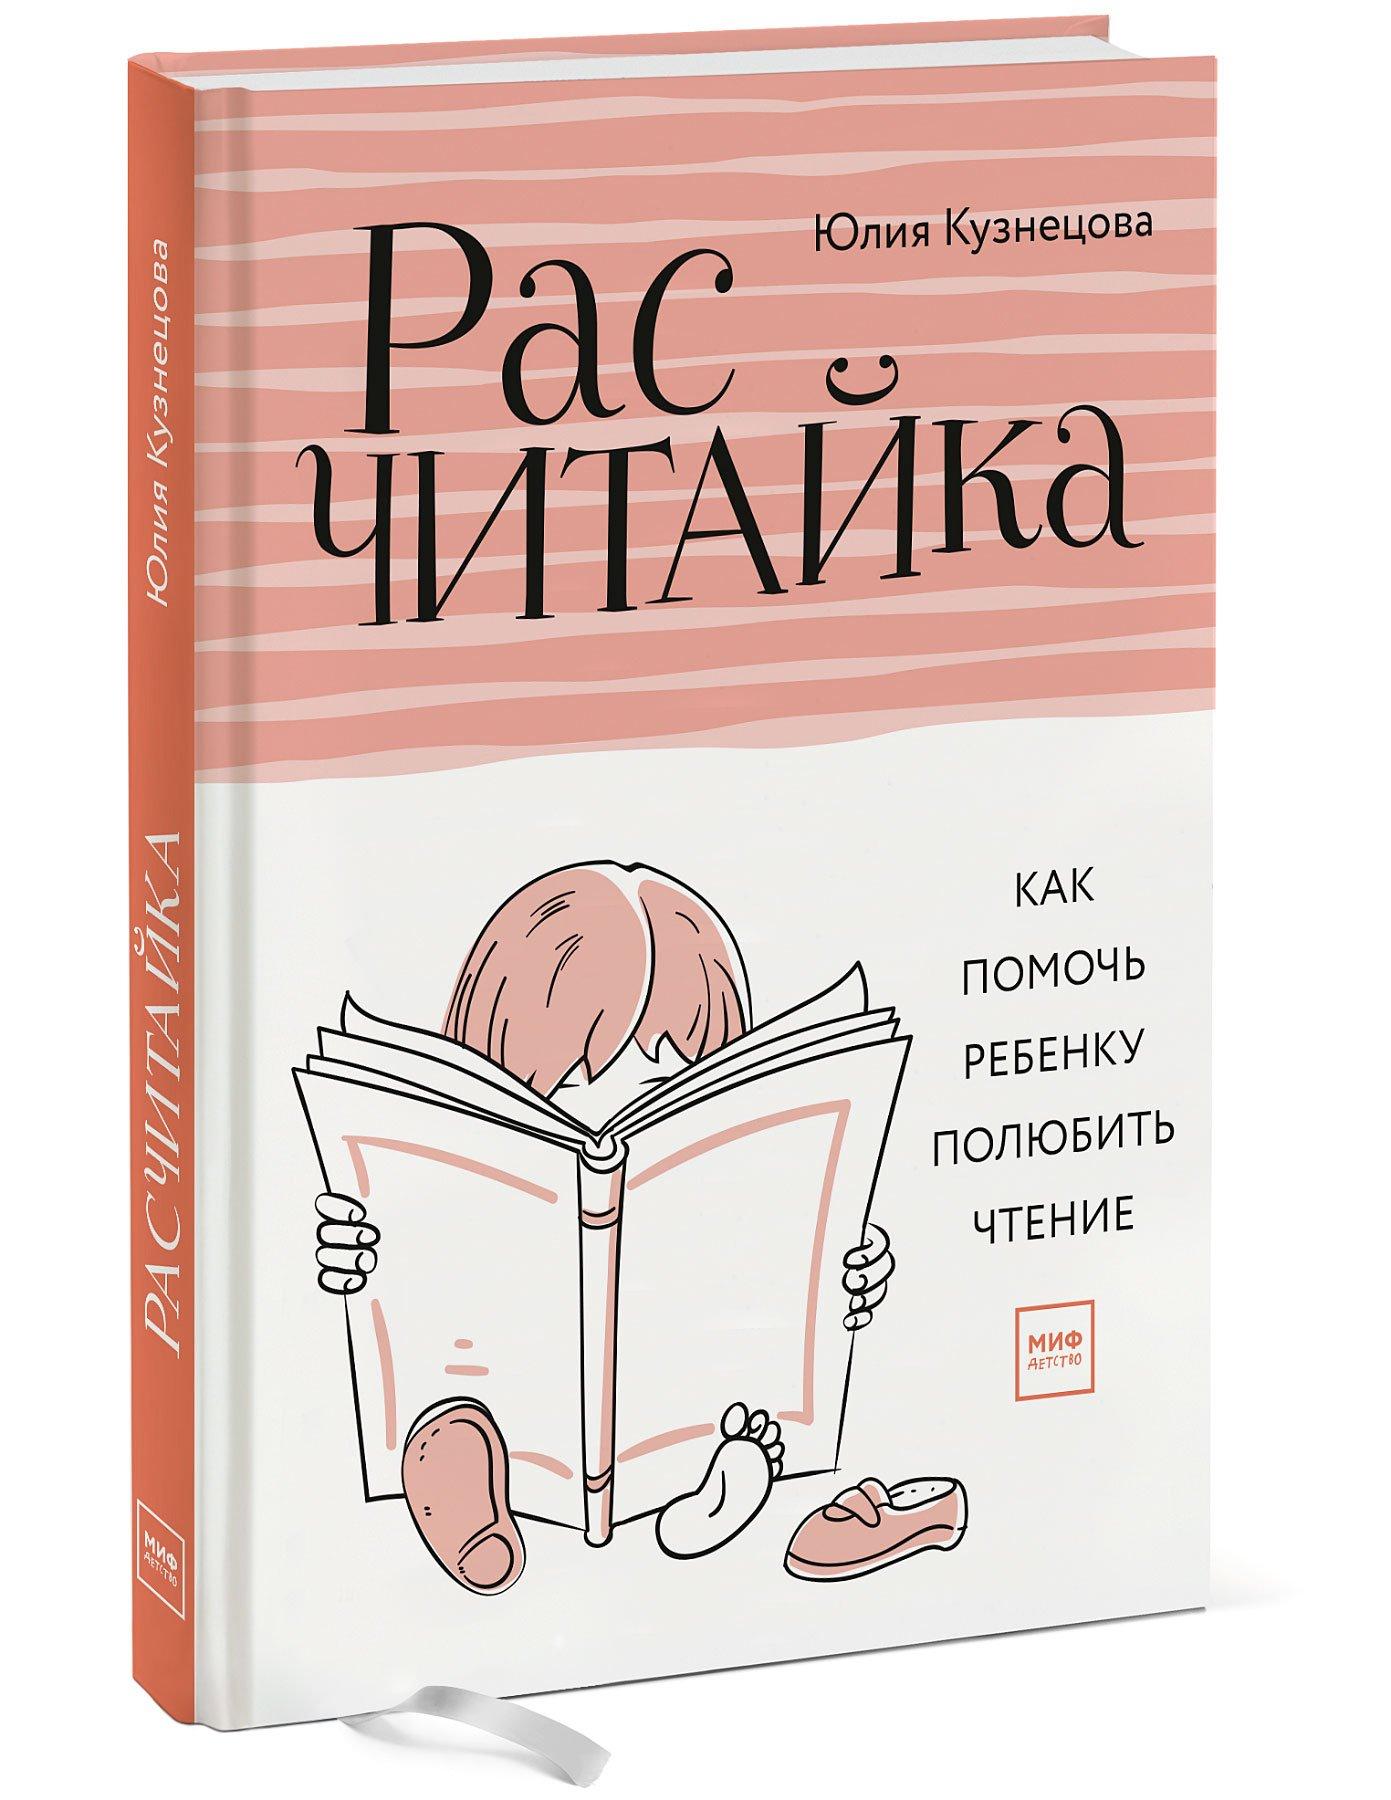 Юлия Кузнецова Расчитайка. Как помочь ребенку полюбить чтение кузнецова ю расчитайка как помочь ребенку полюбить чтение